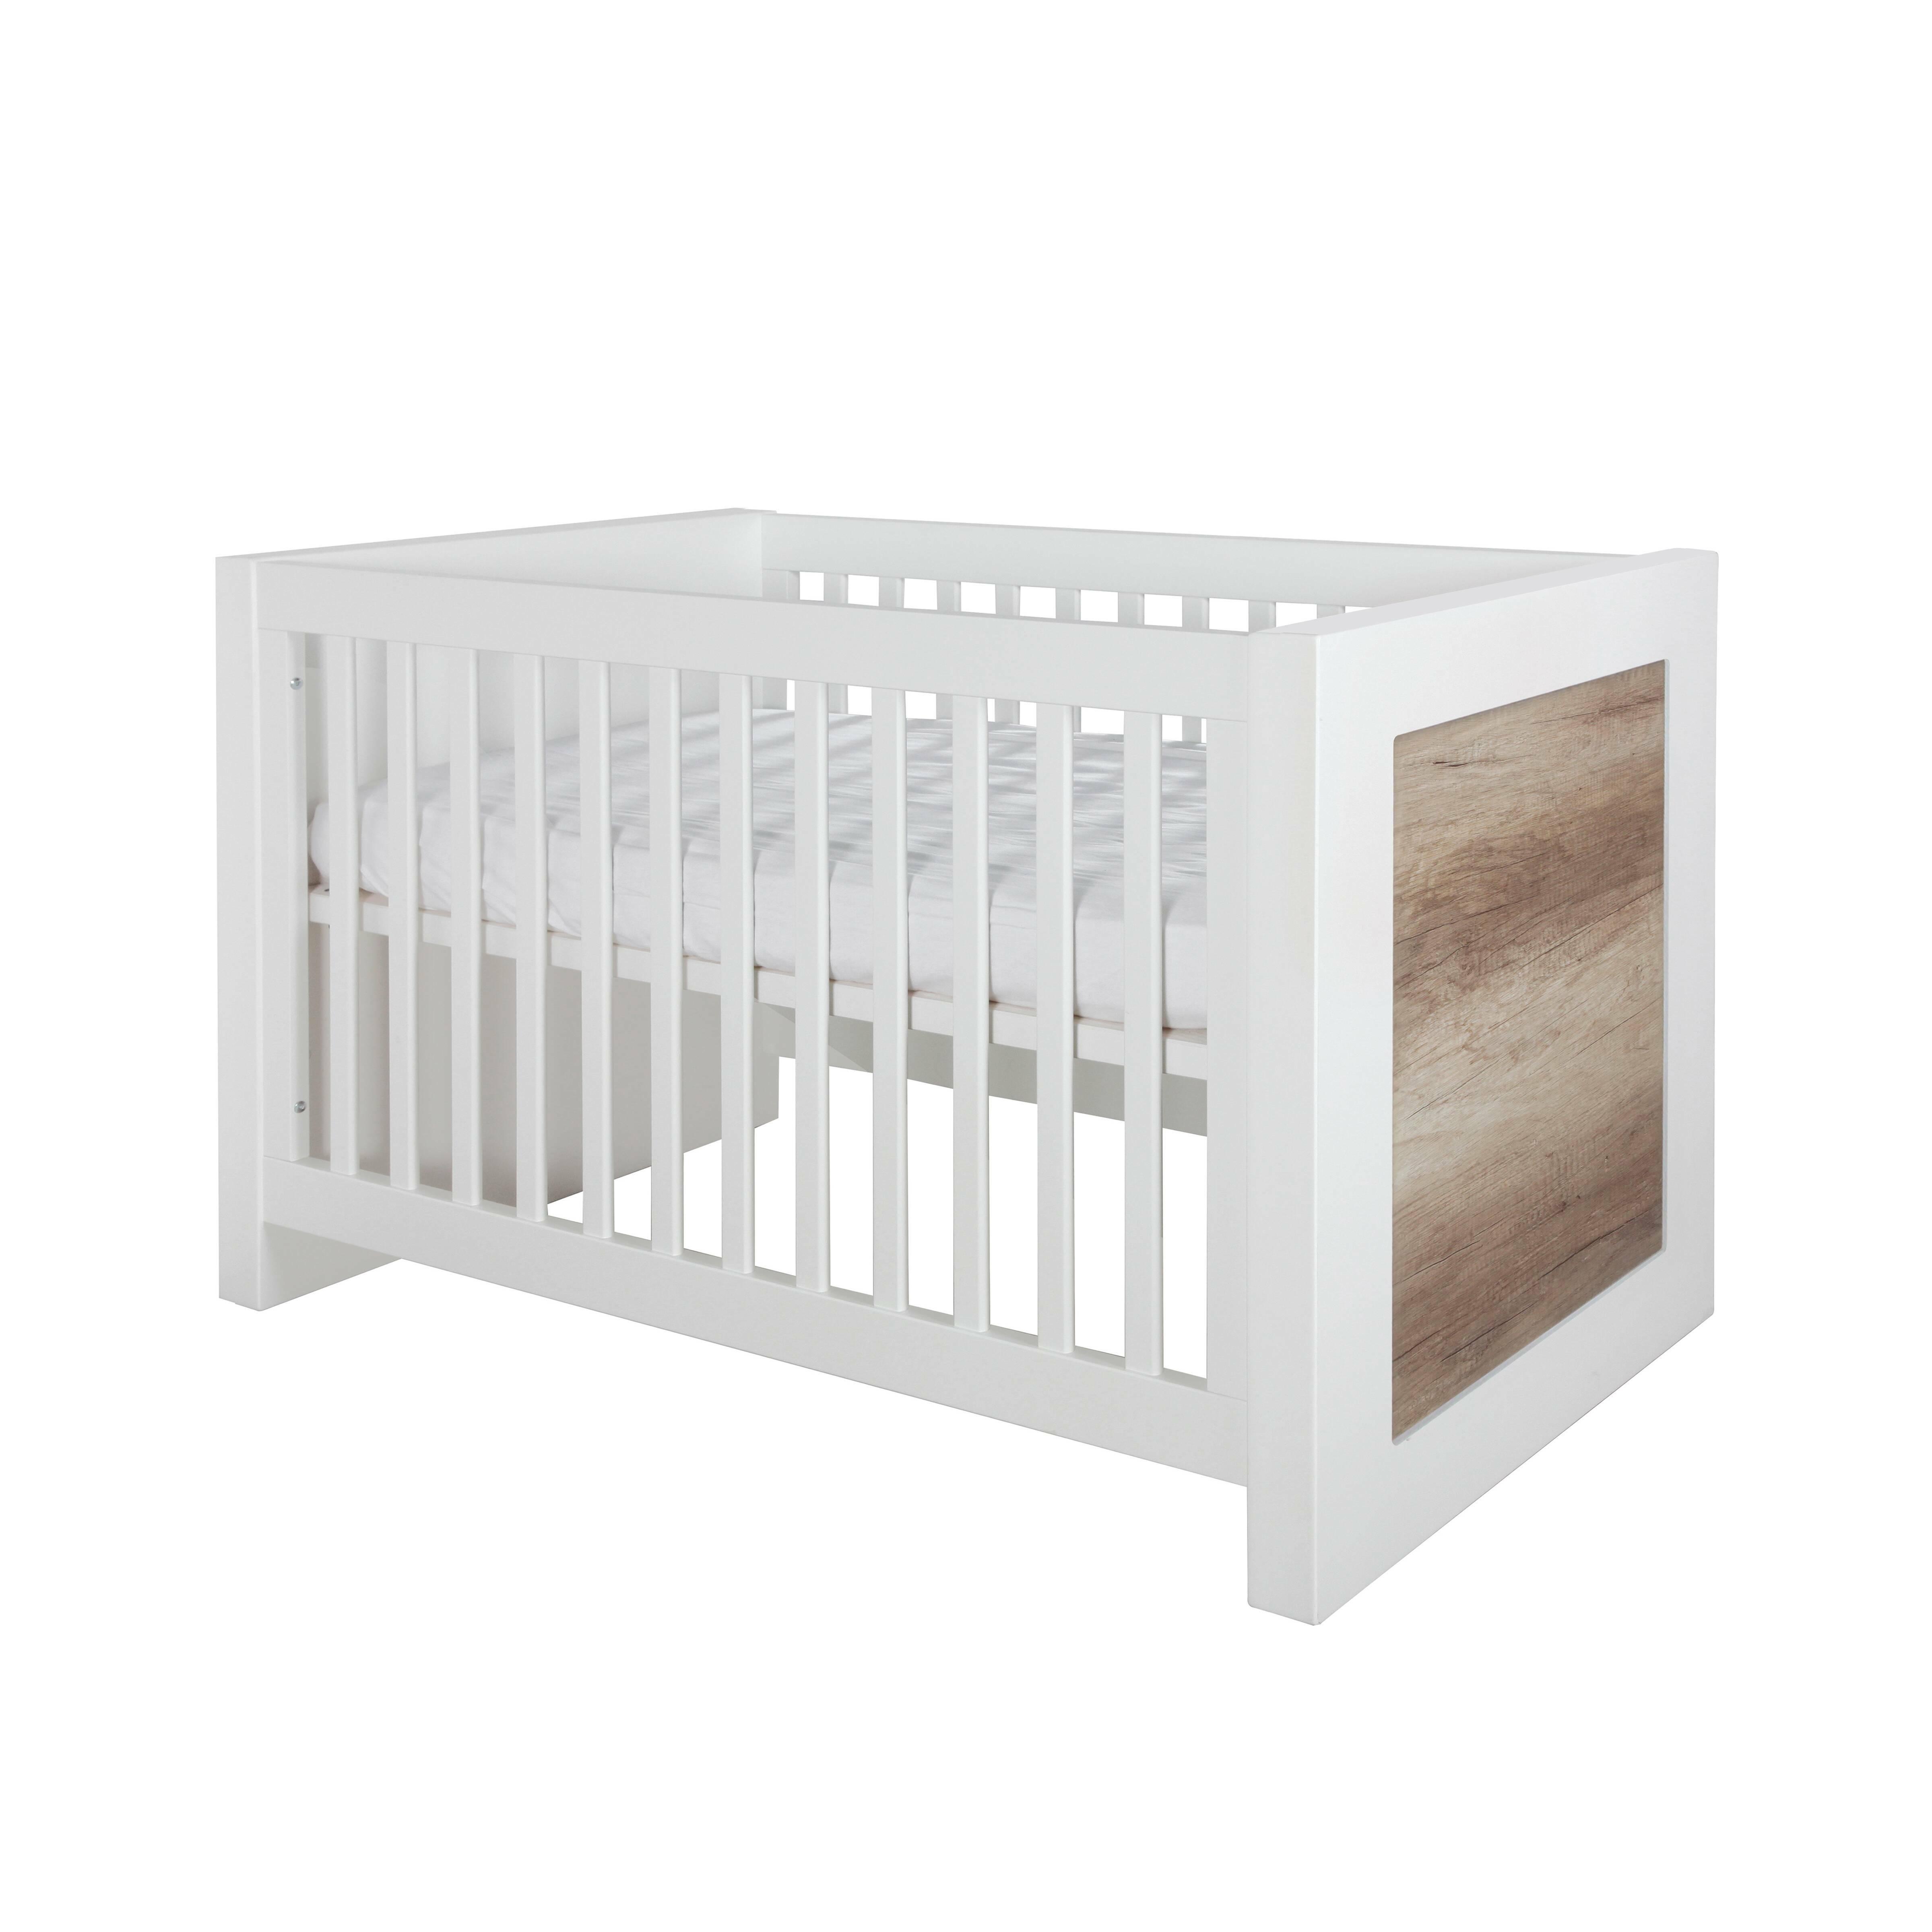 Детская кровать Costa, 70х140